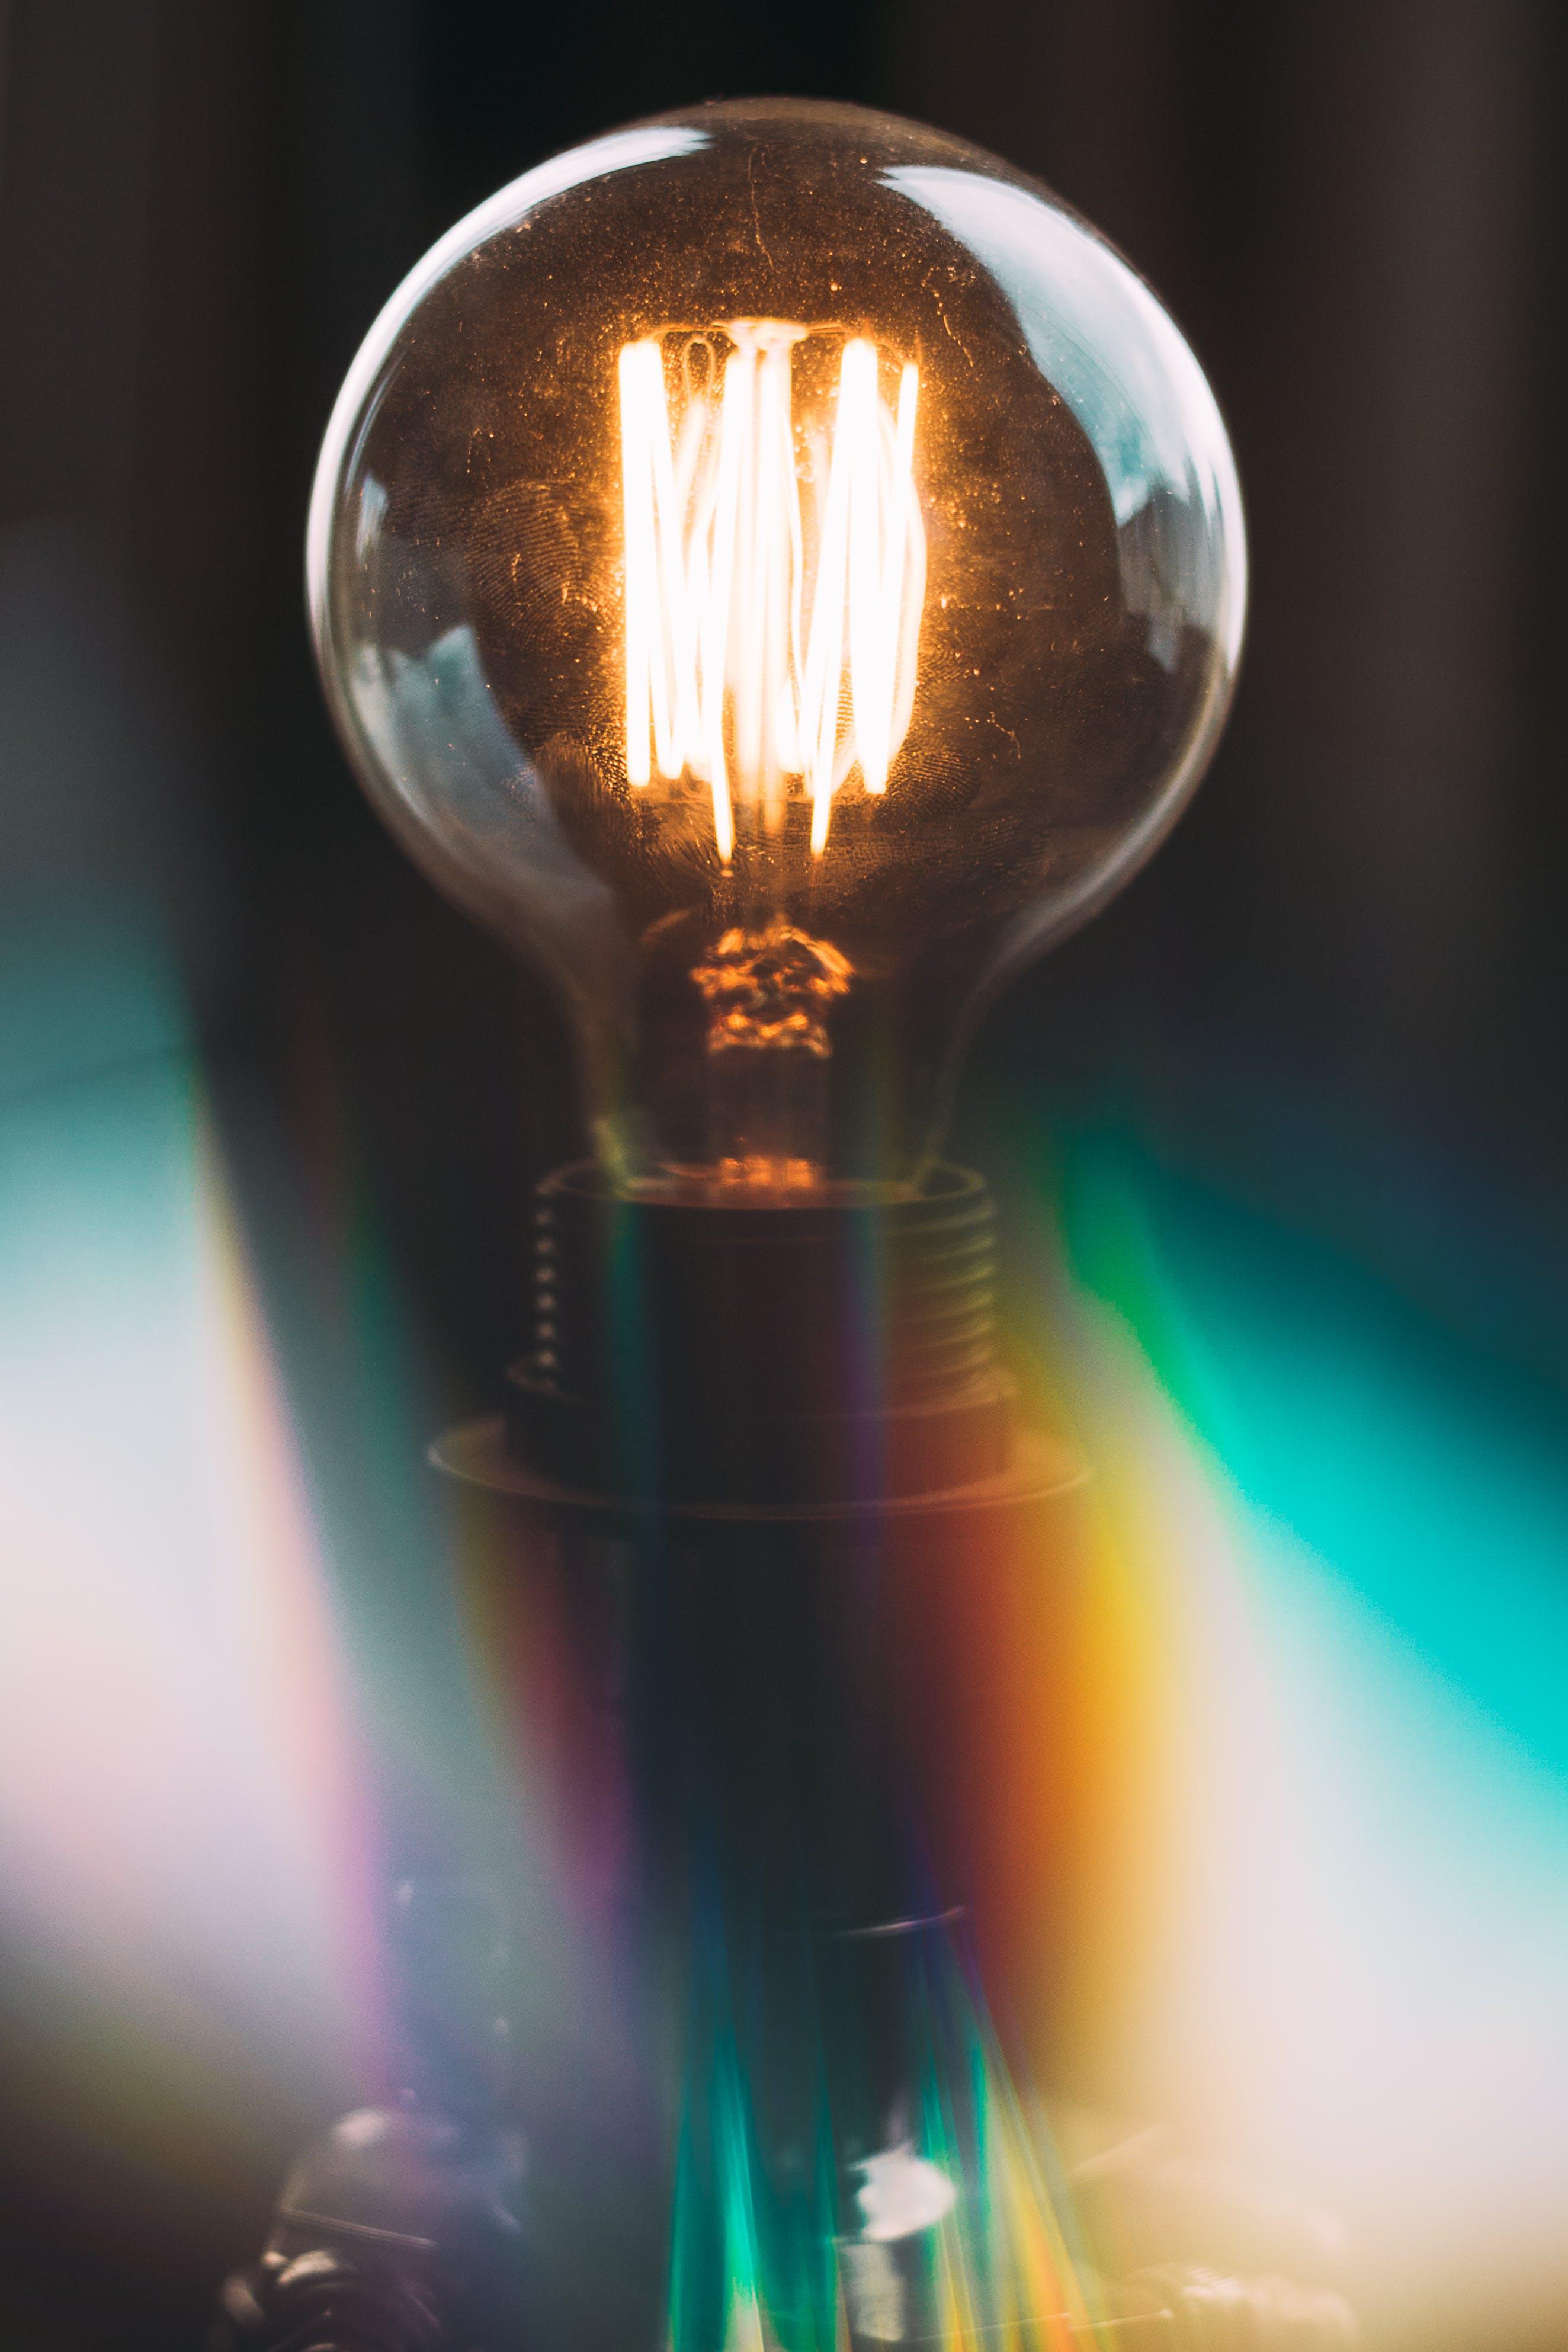 de bombilla, electricidad, iluminado, ligero